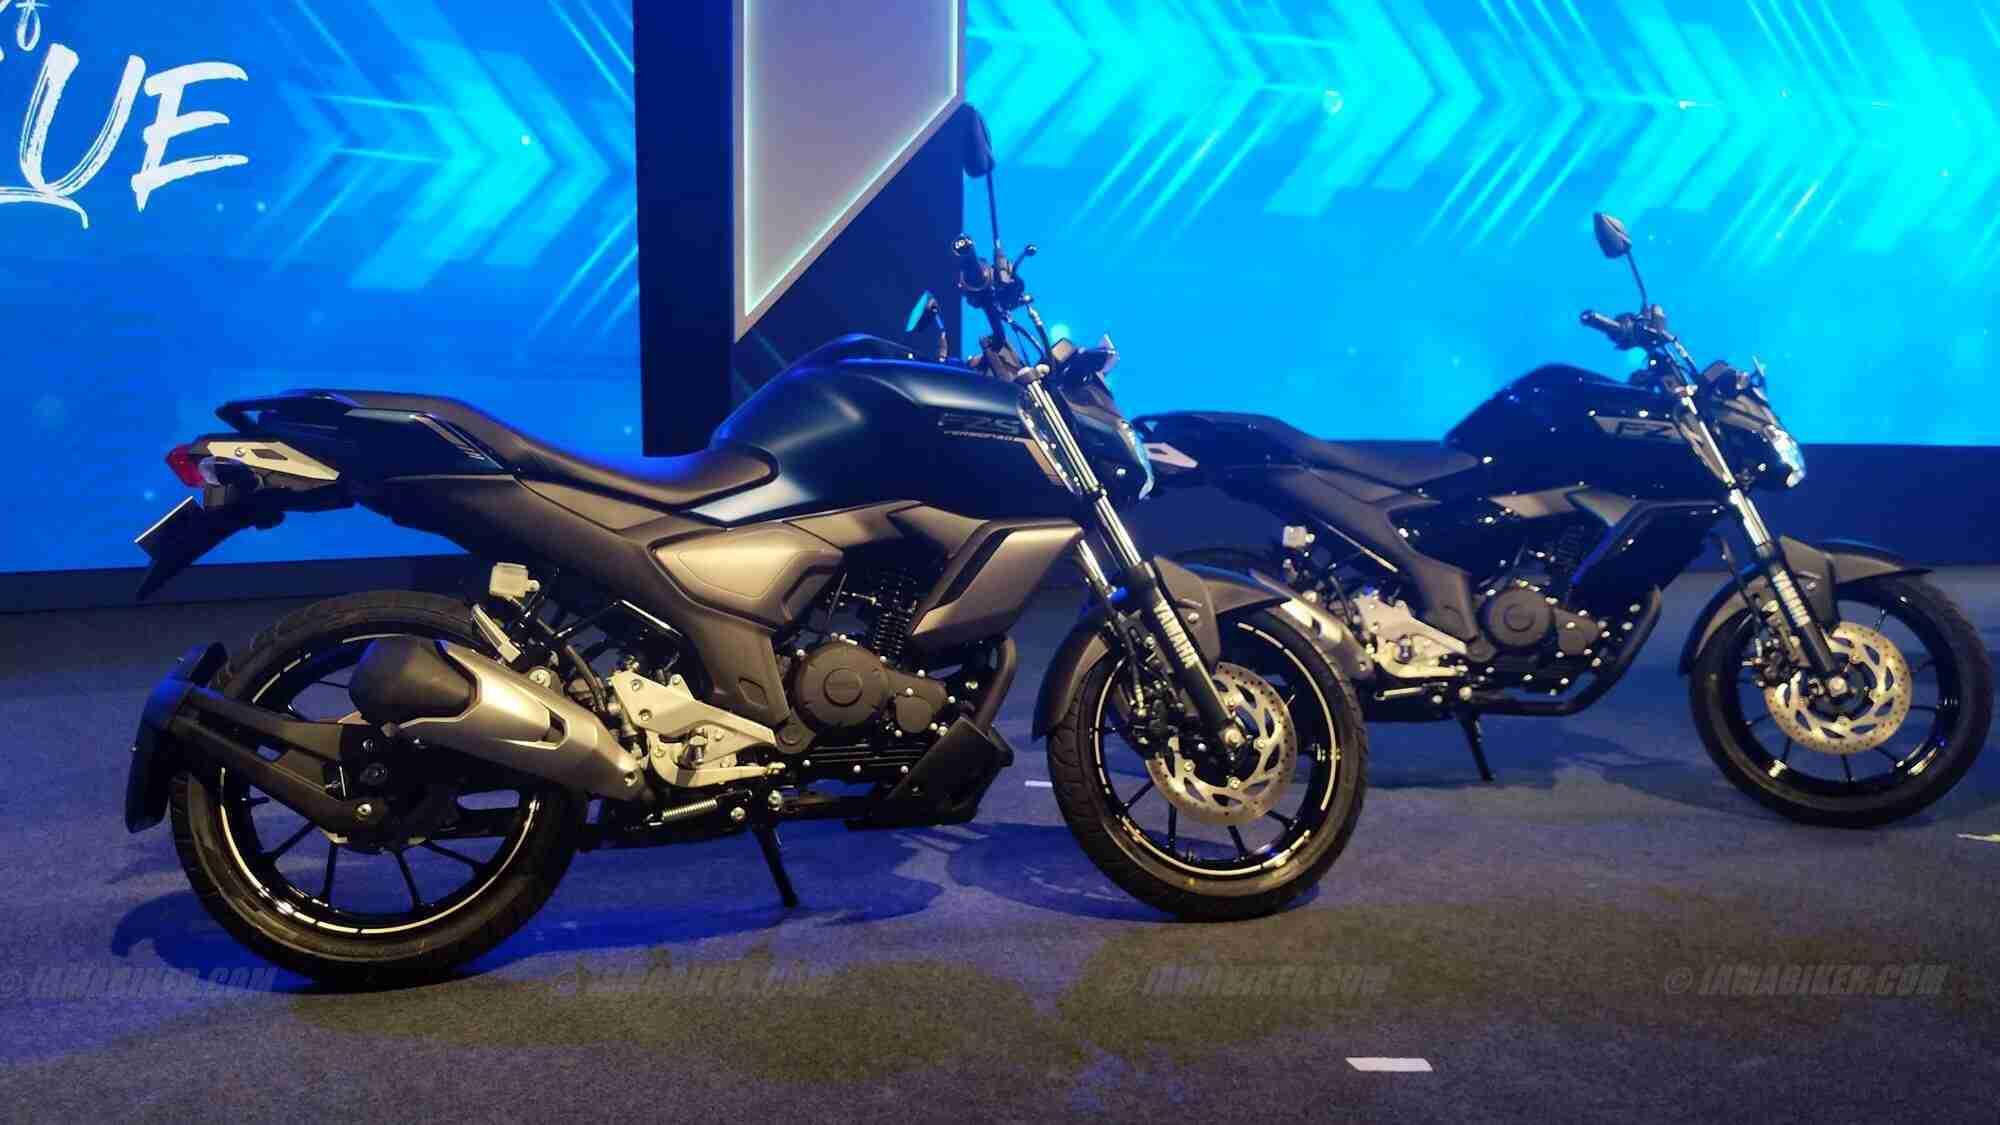 2019 Yamaha FZ-S Fi ABS V3.0 silencer